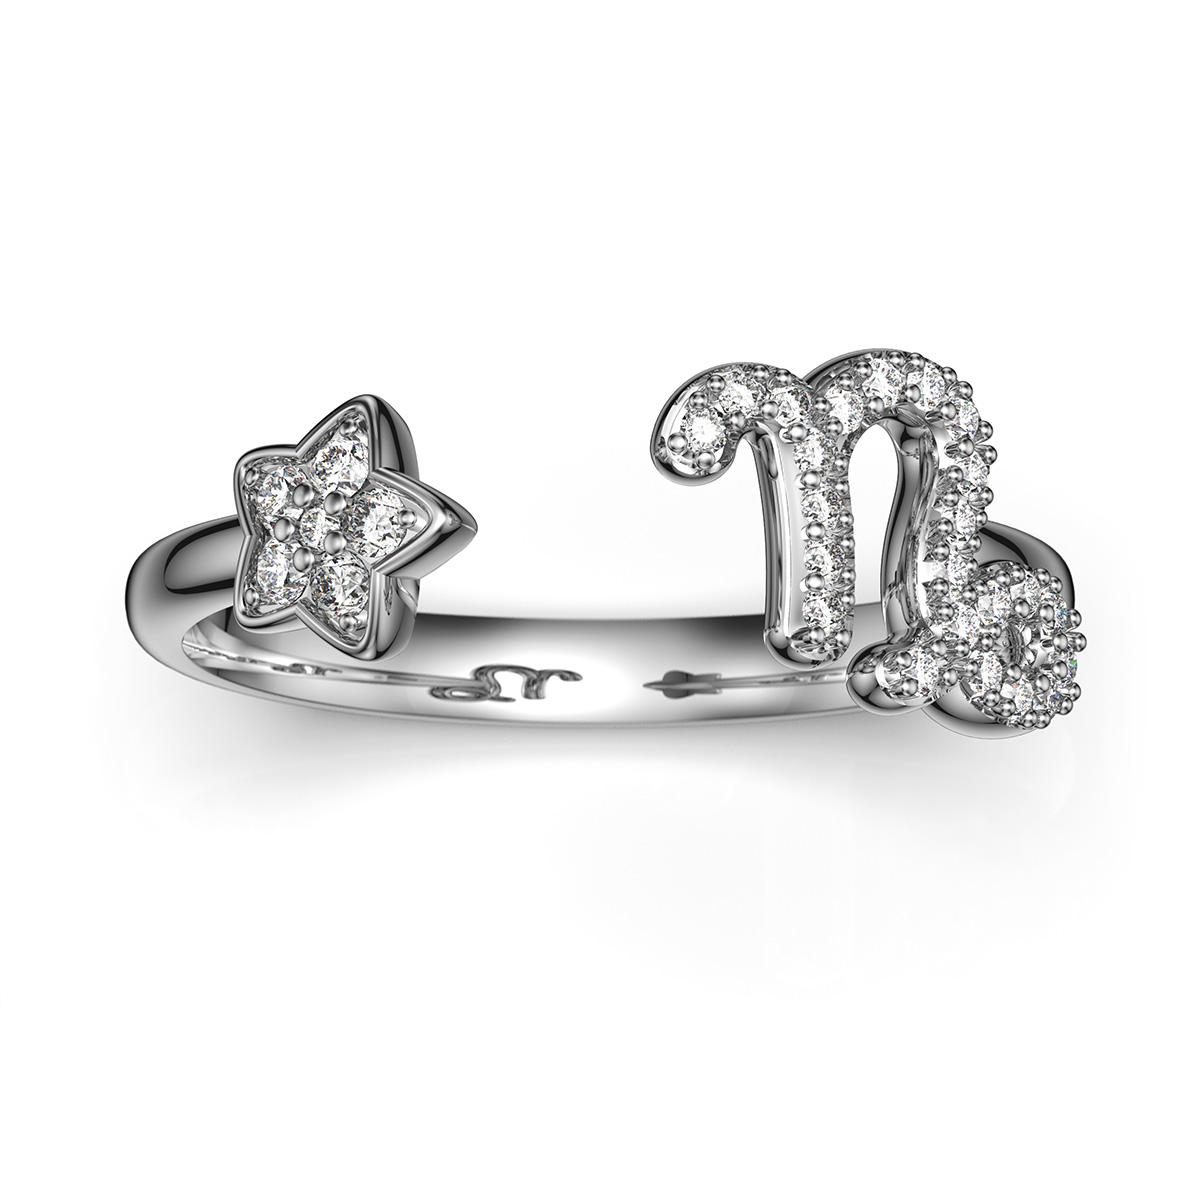 摩羯座戒指